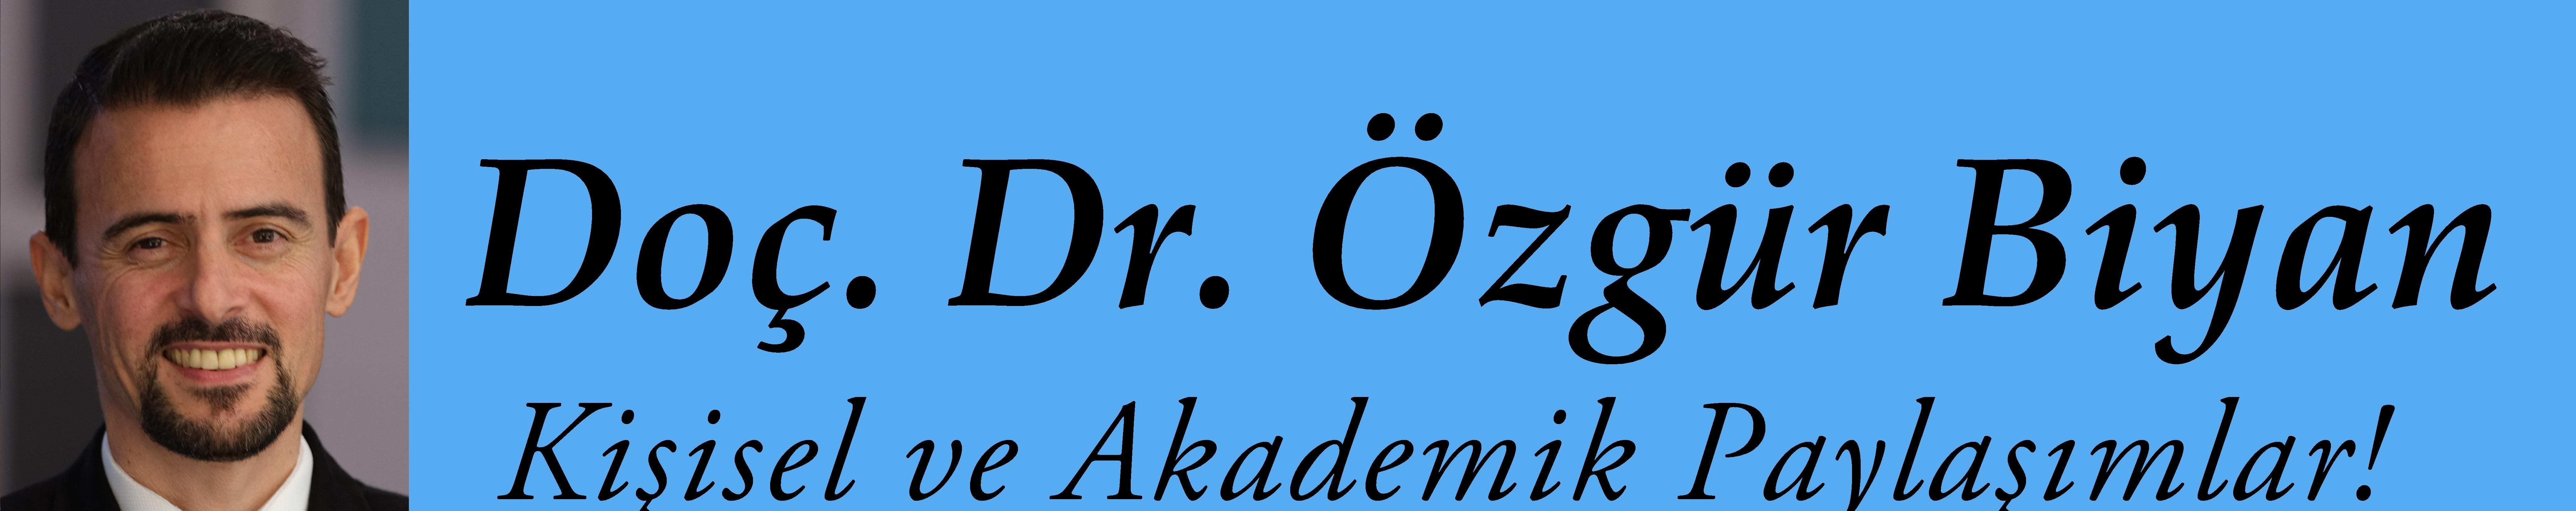 Doç. Dr. Özgür Biyan - Assoc. Prof. Dr. Özgür Biyan